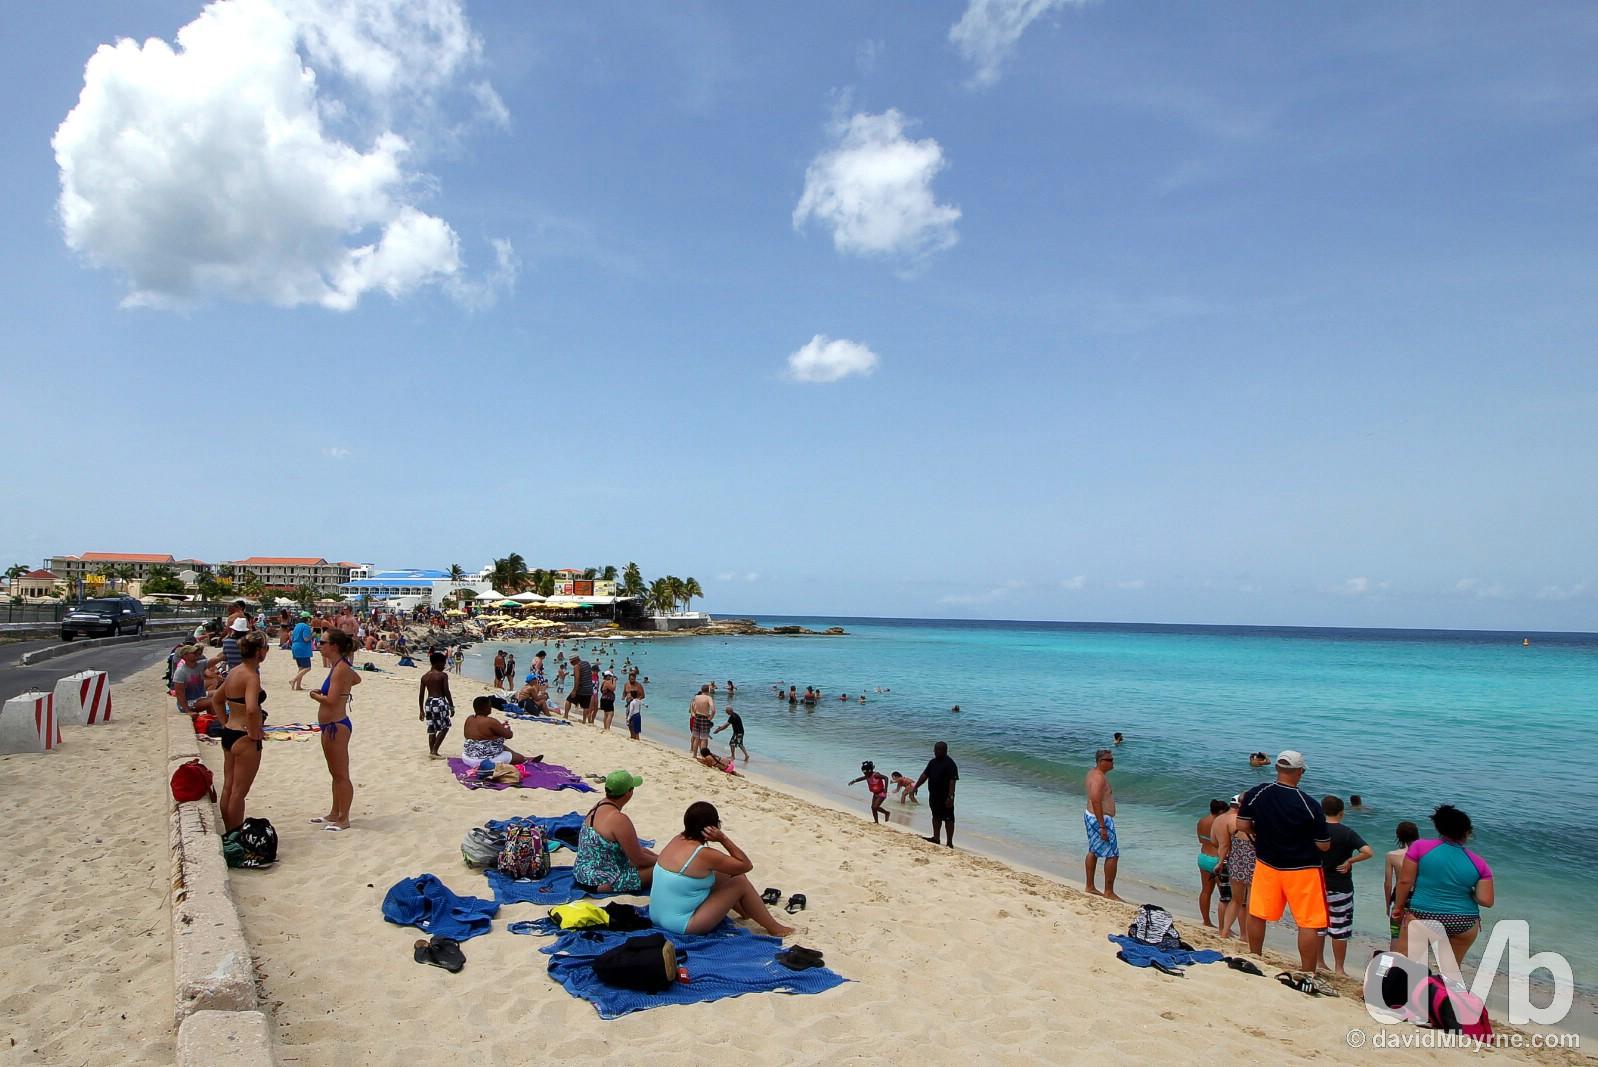 Maho Beach, Sint Maarten, Lesser Antilles. June 9, 2015.